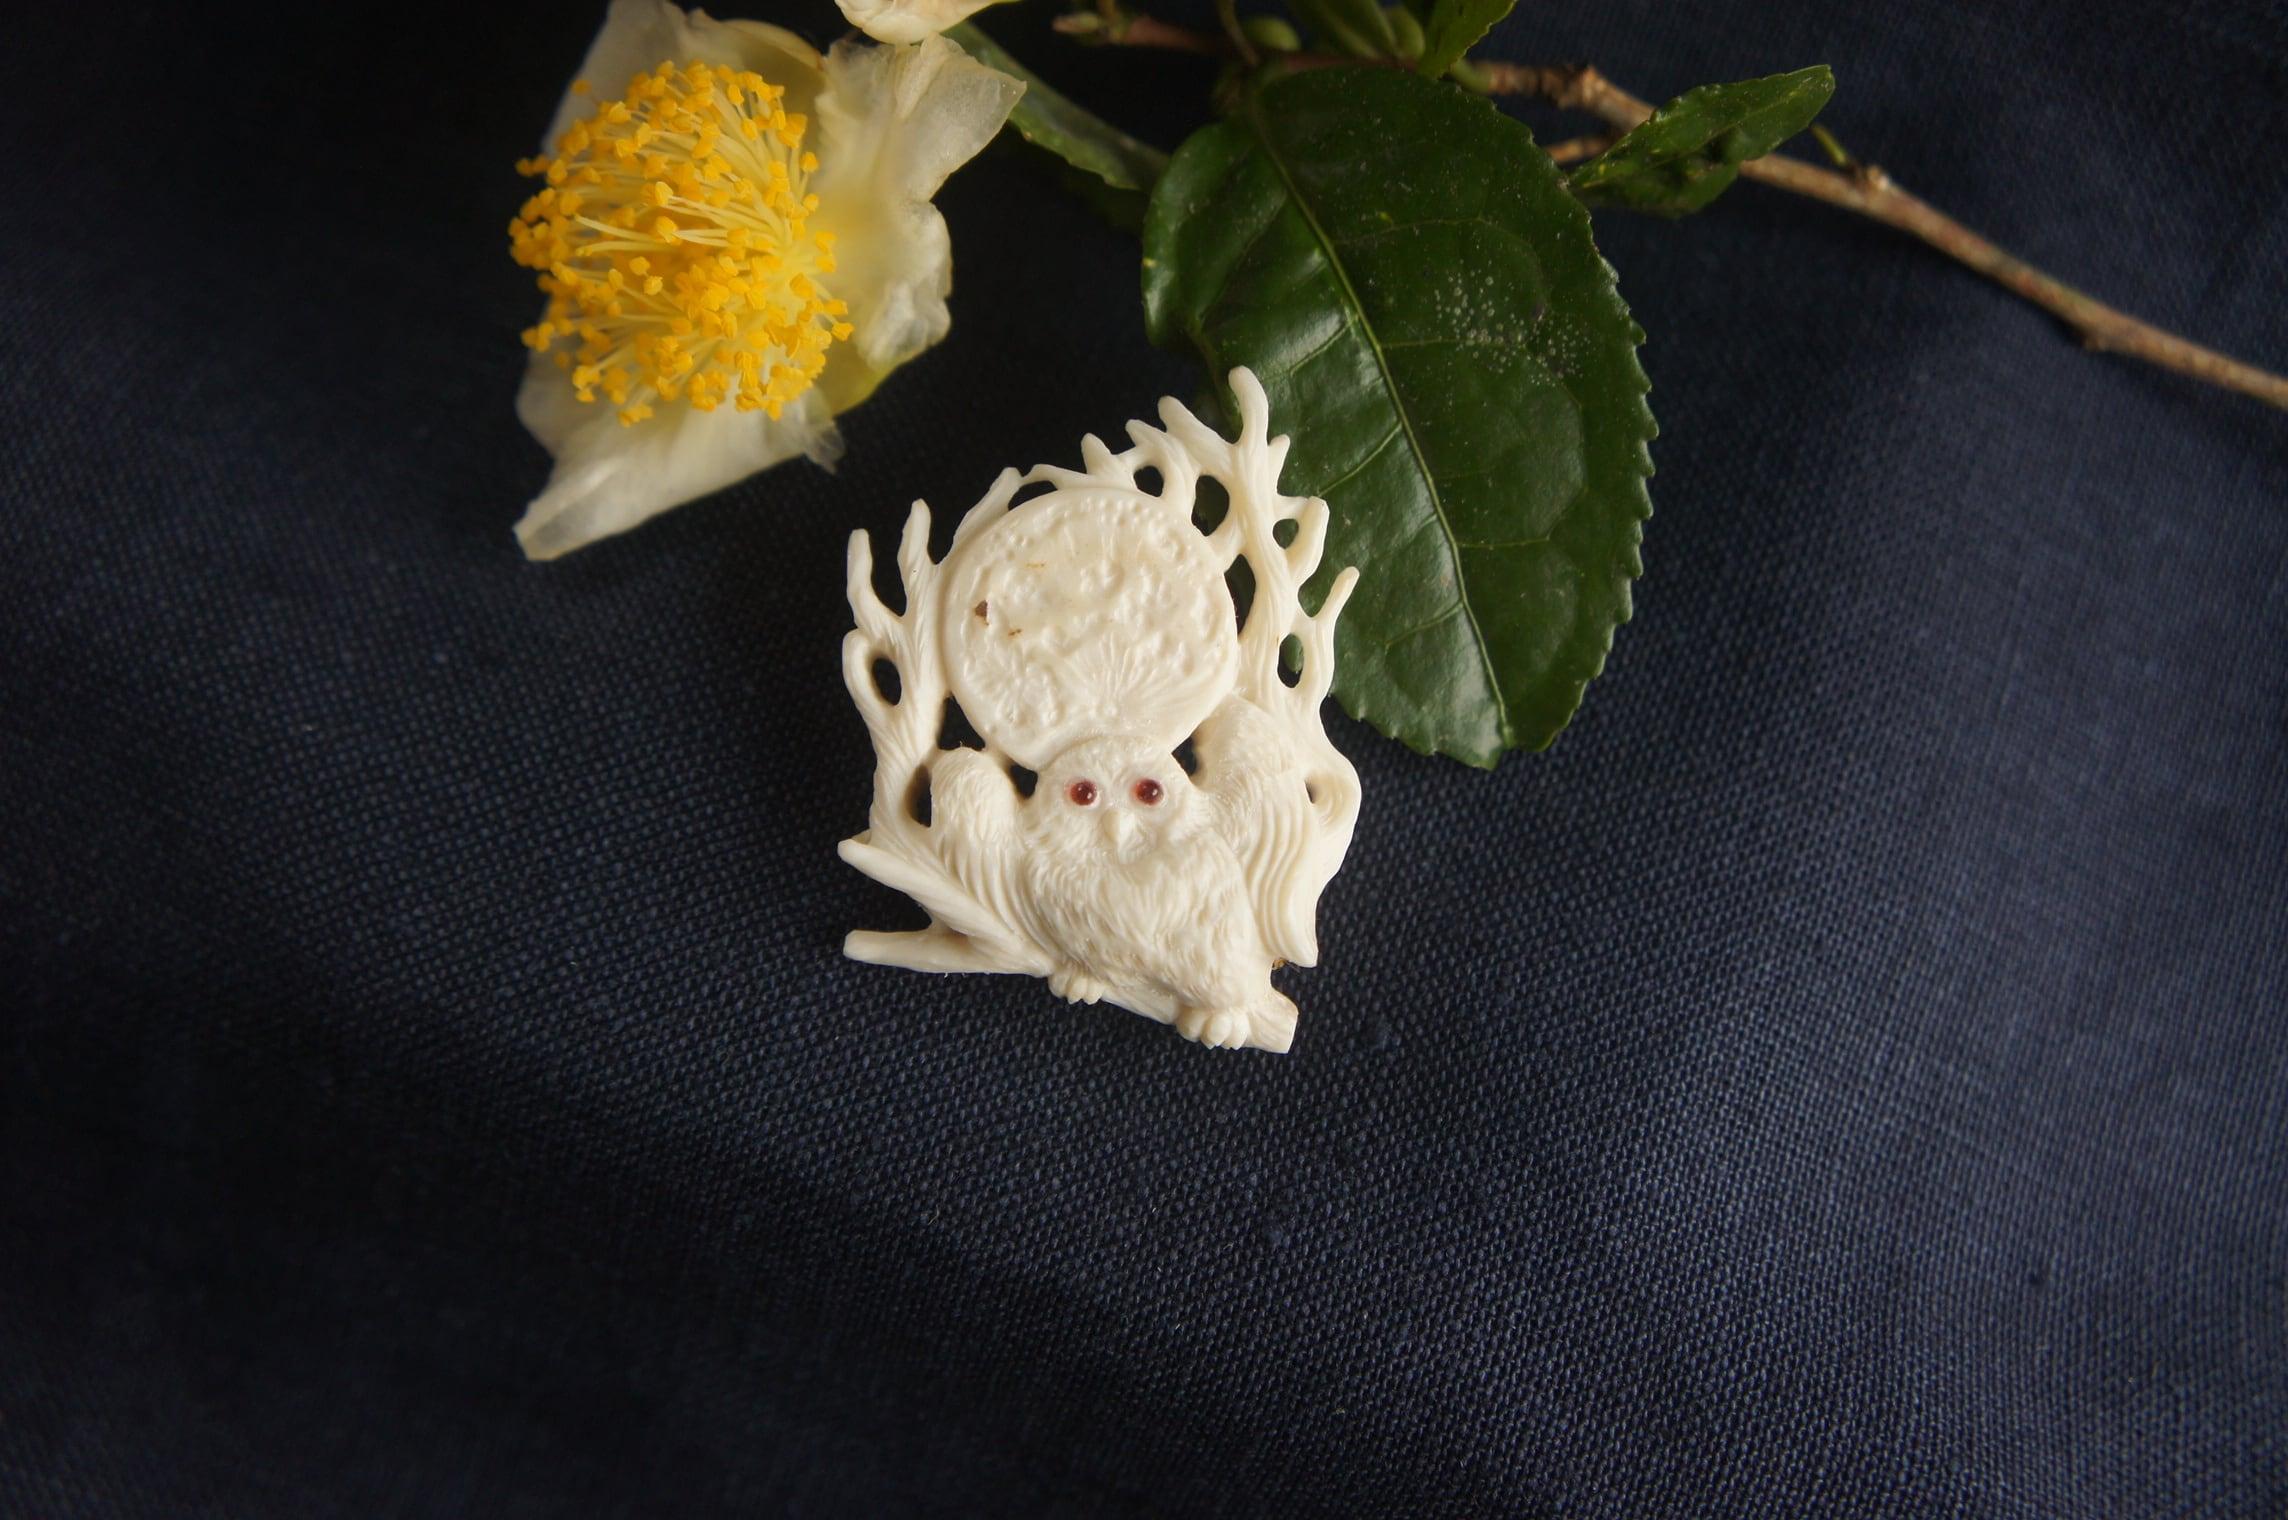 鹿角彫刻の帯留め「月齢」梟と木立